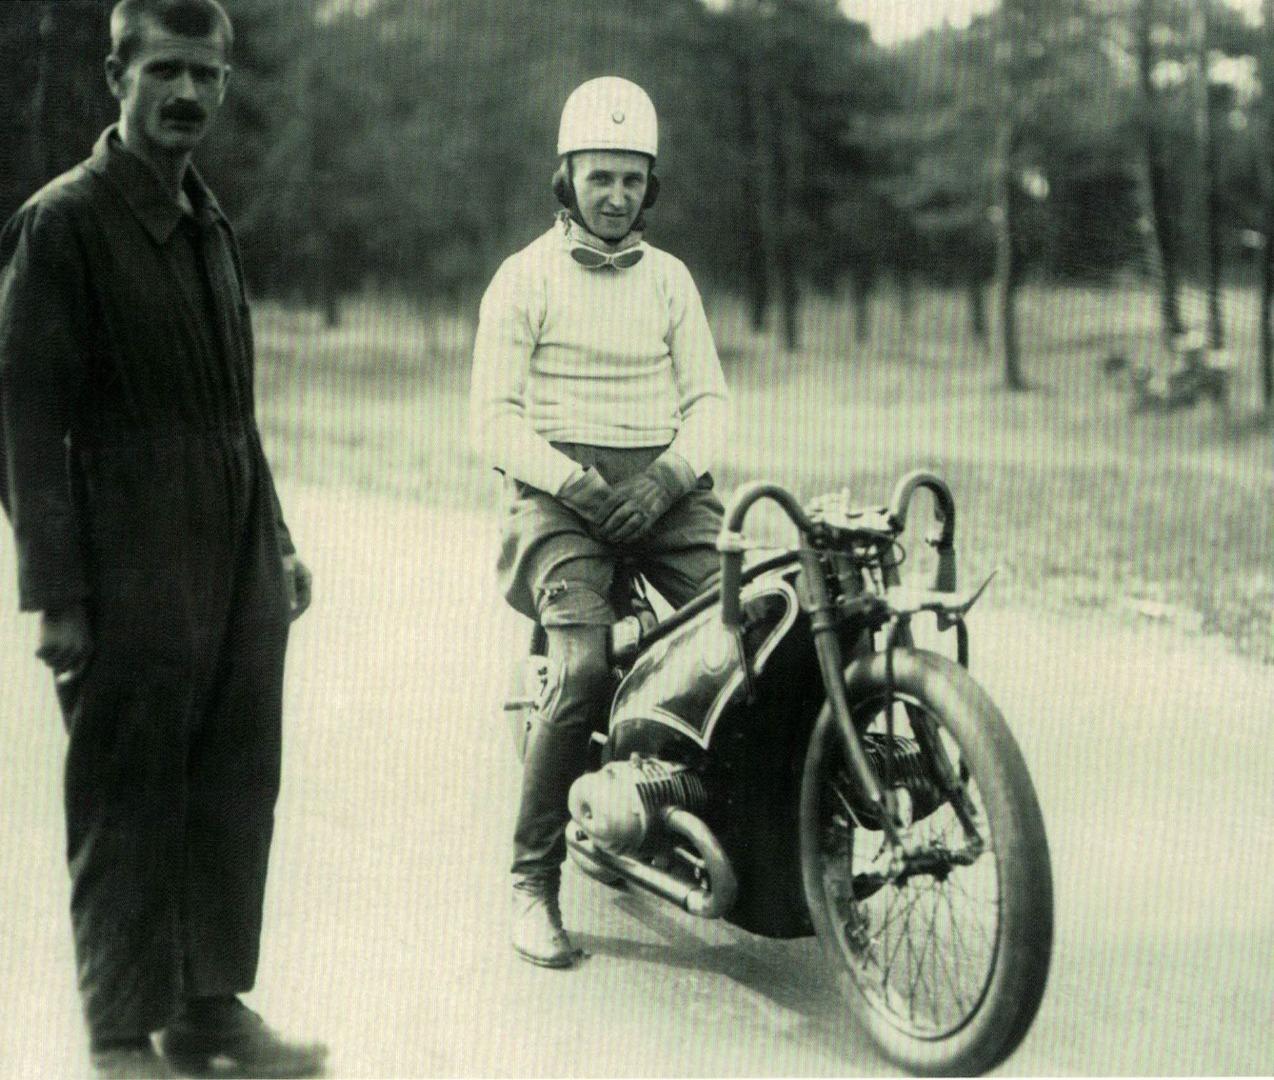 Ernst Henne y la primera BMW cazarecords